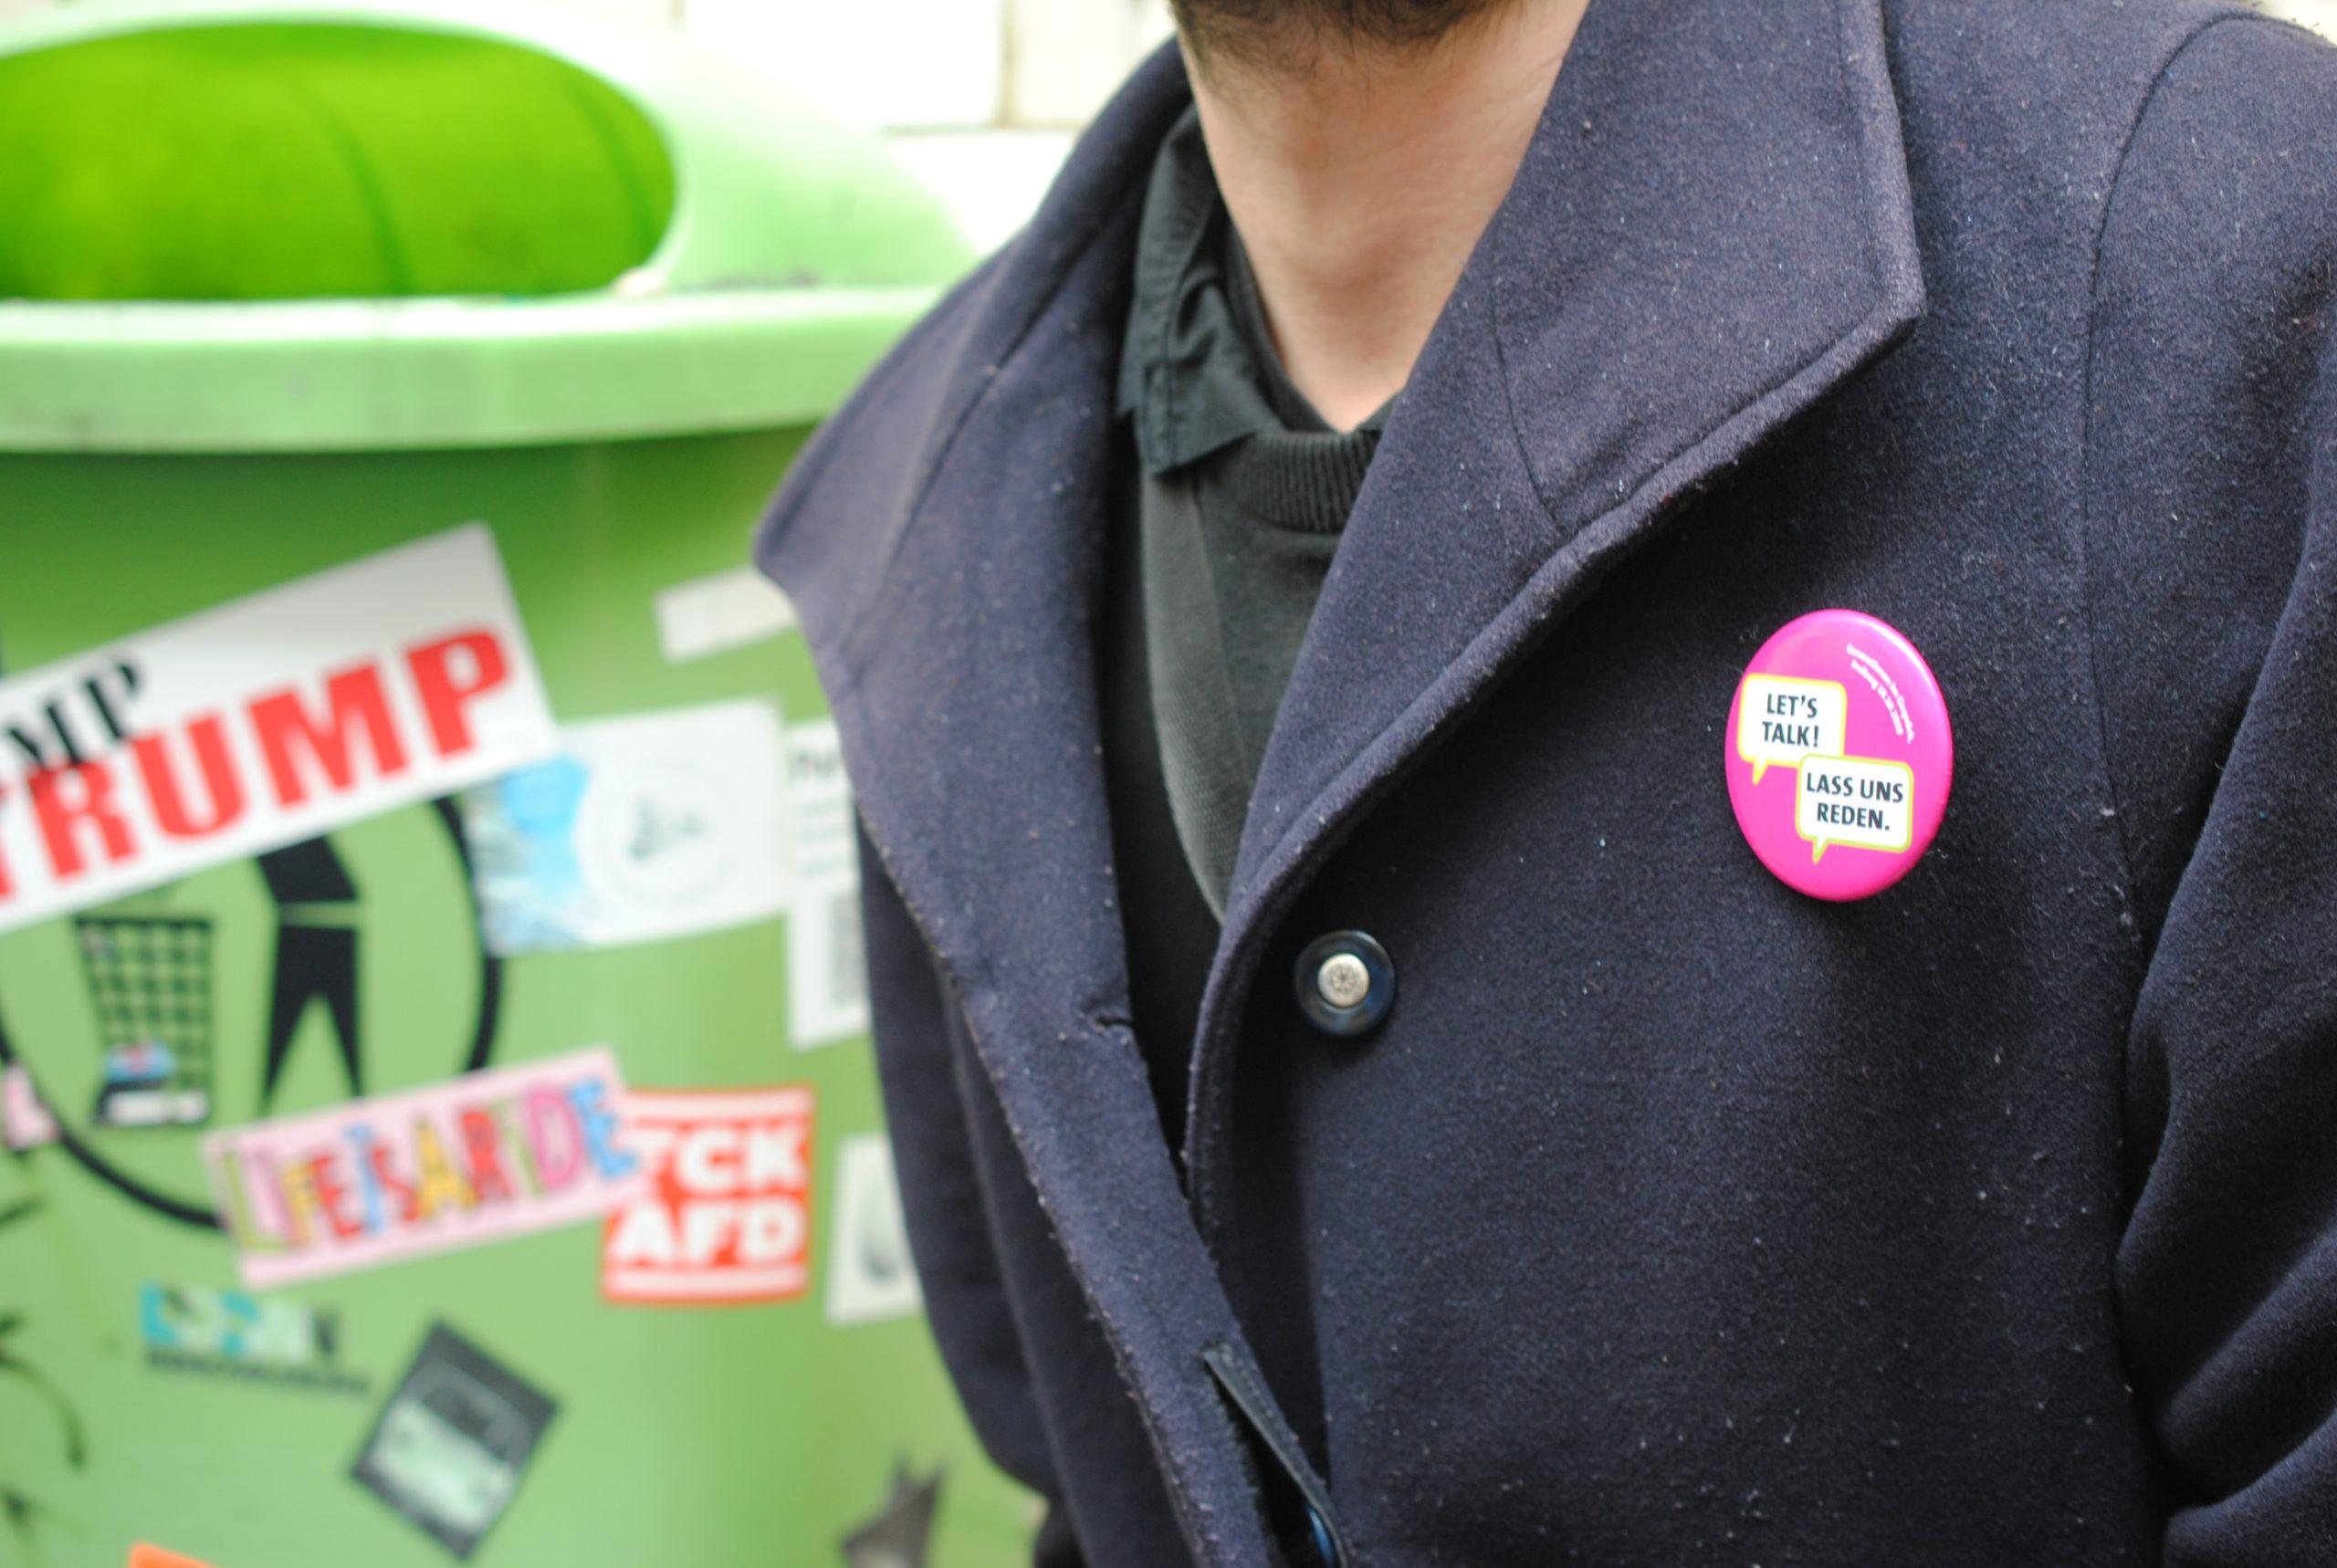 Der Pinkfarbene Button Ist Ein Resultat Von Generationen Im Gespräch In Freiburg. Der Button Ist Eine Aufforderung, In Der Öffentlichkeit Wieder Miteinander Ins Gespräch Zu Kommen.